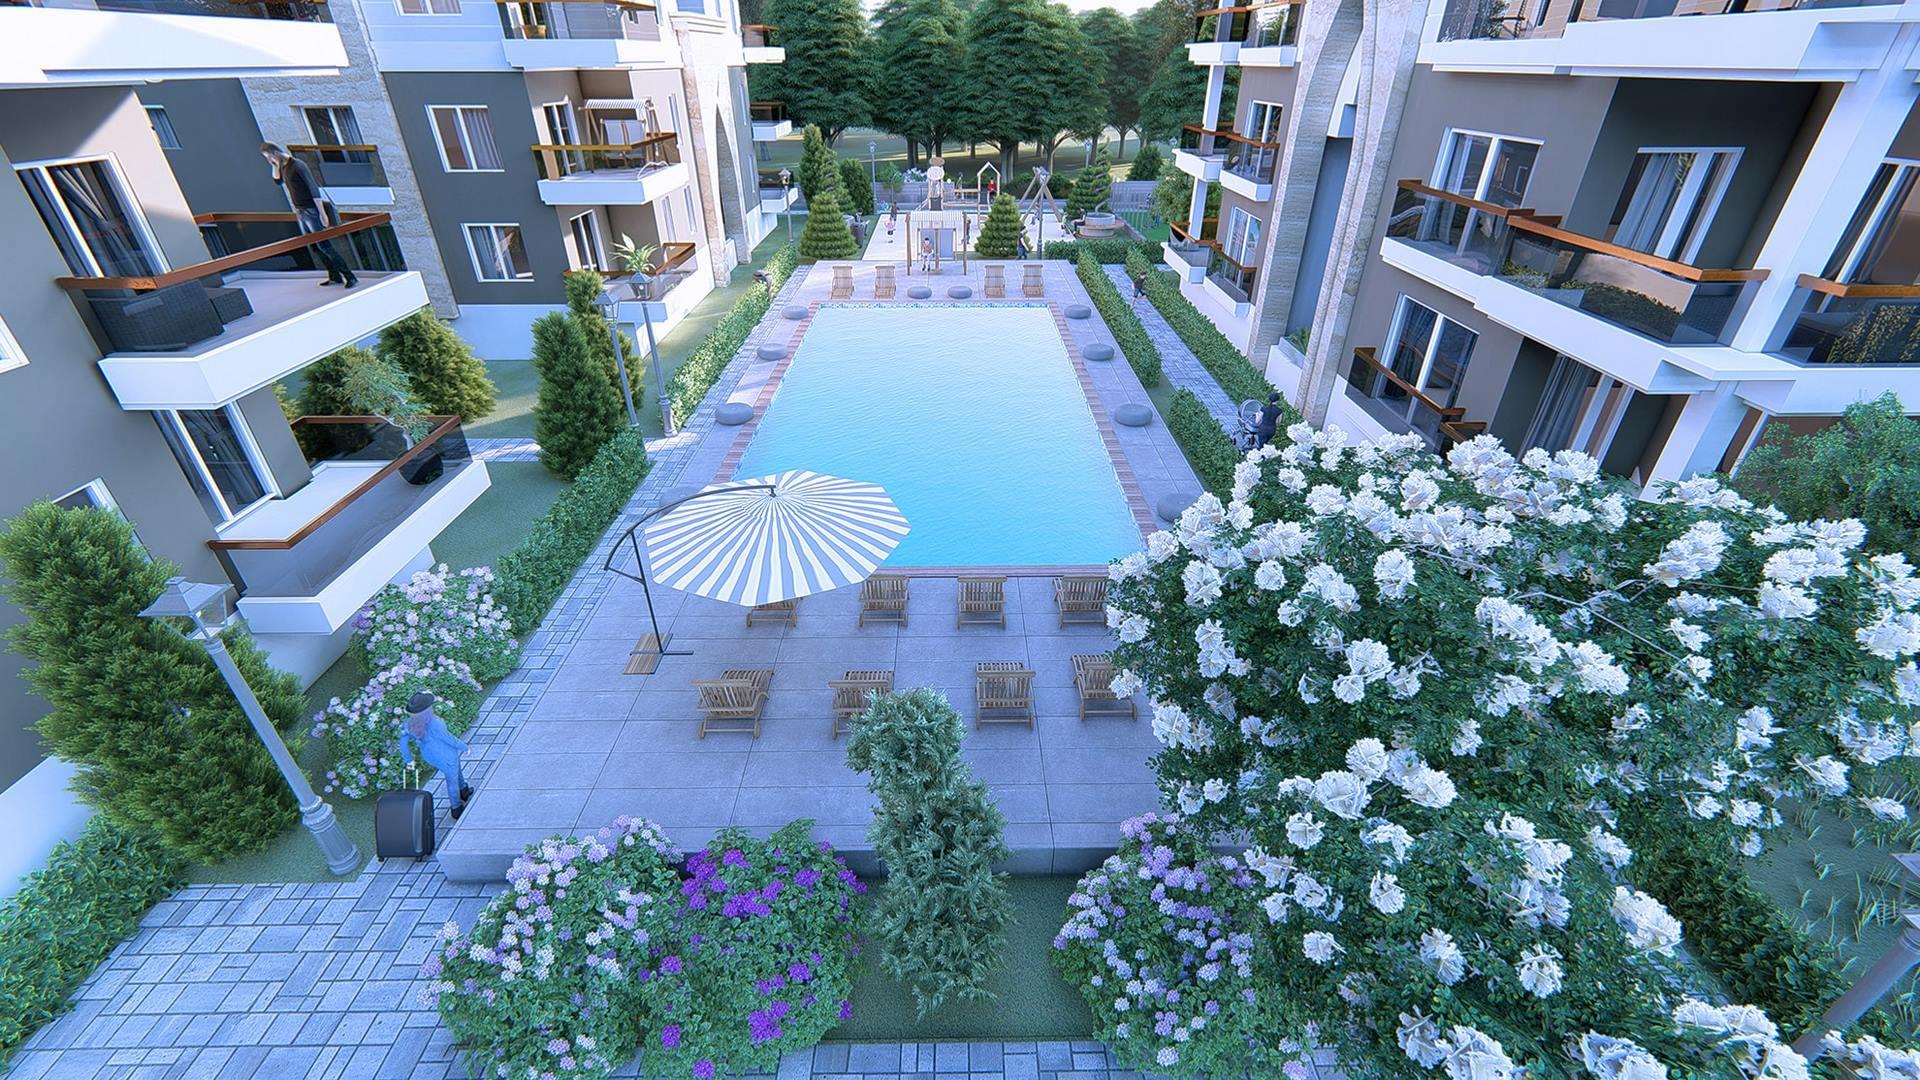 Продаются квартиры в жилом комплексе 3+1 - Фото 8